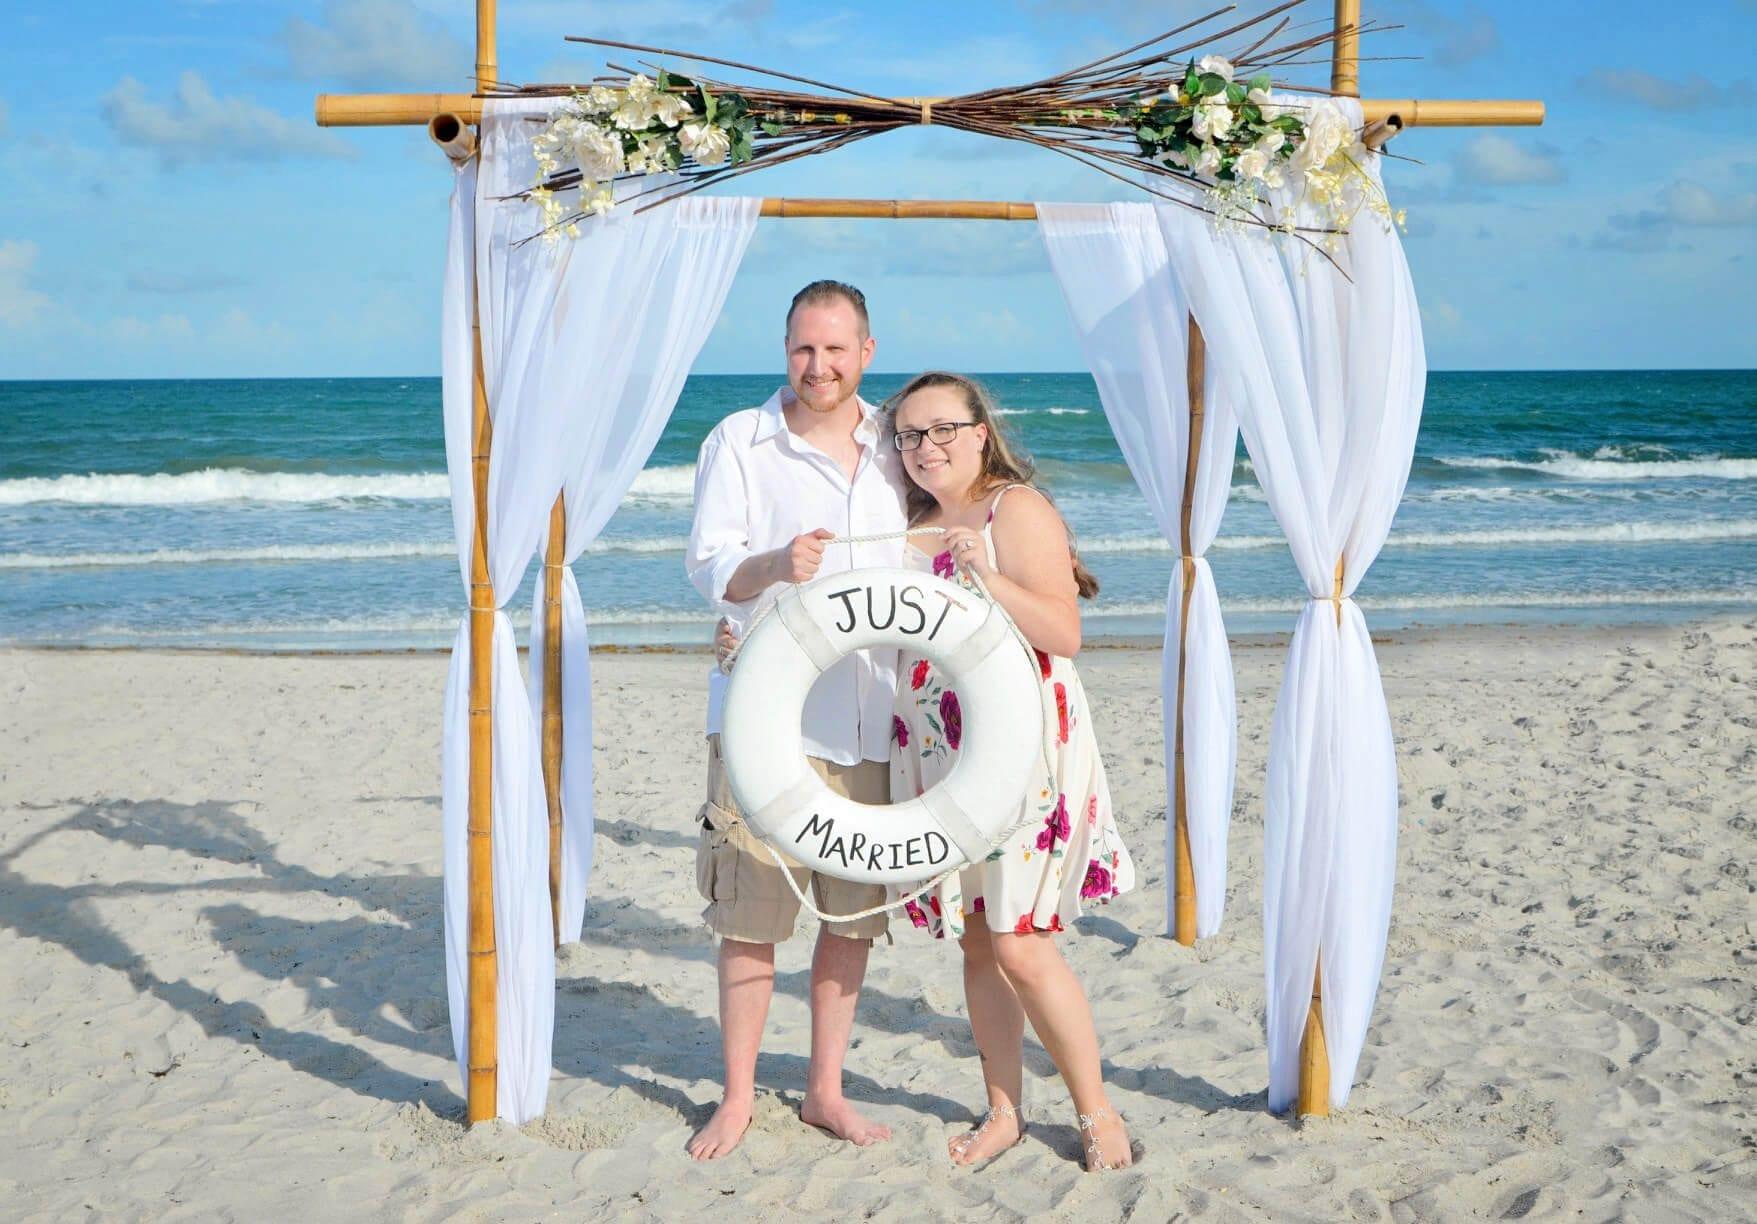 Cocoa Beach Weddings Cruise In Florida